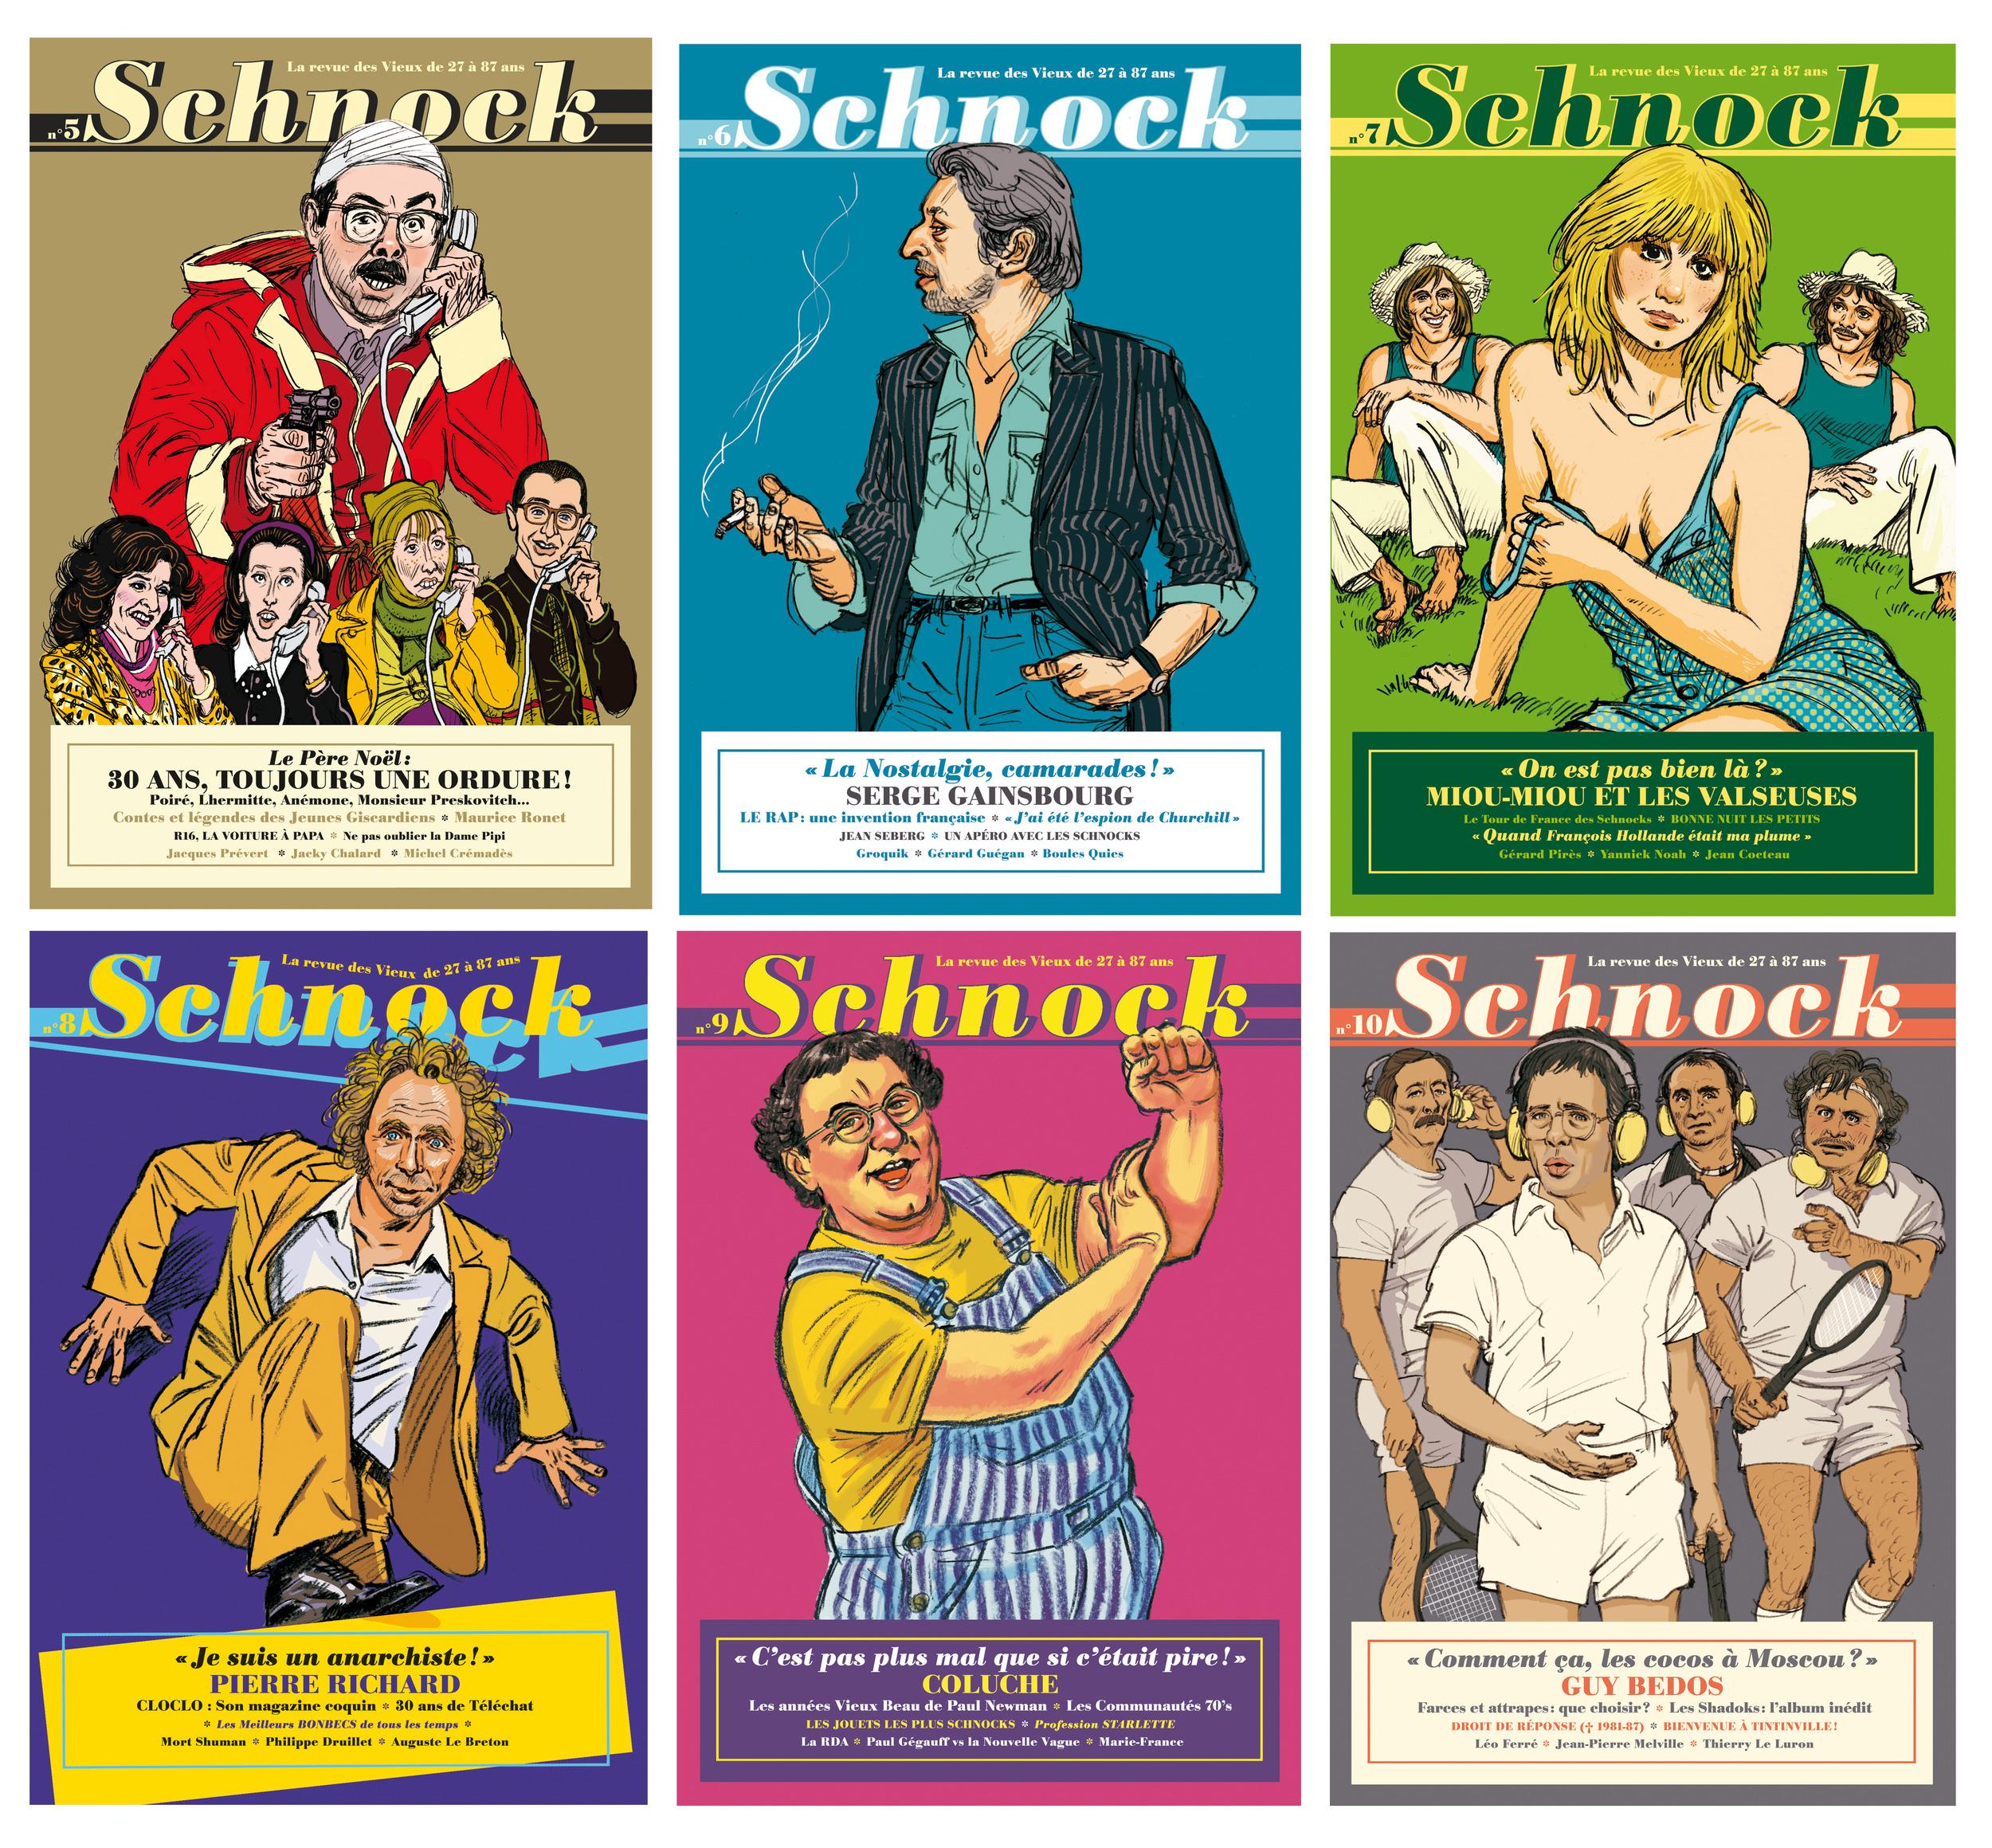 6 dernieres-couve-SCHNOCK.jpg